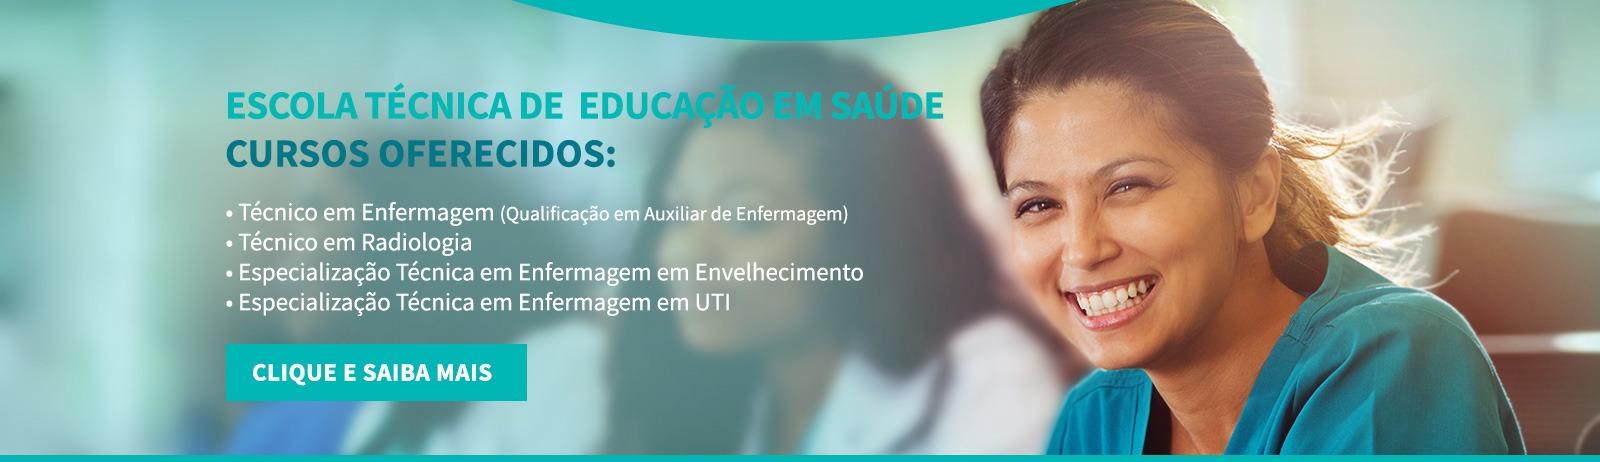 Cursos oferecidos pela Escola Técnica de Educação em Saúde